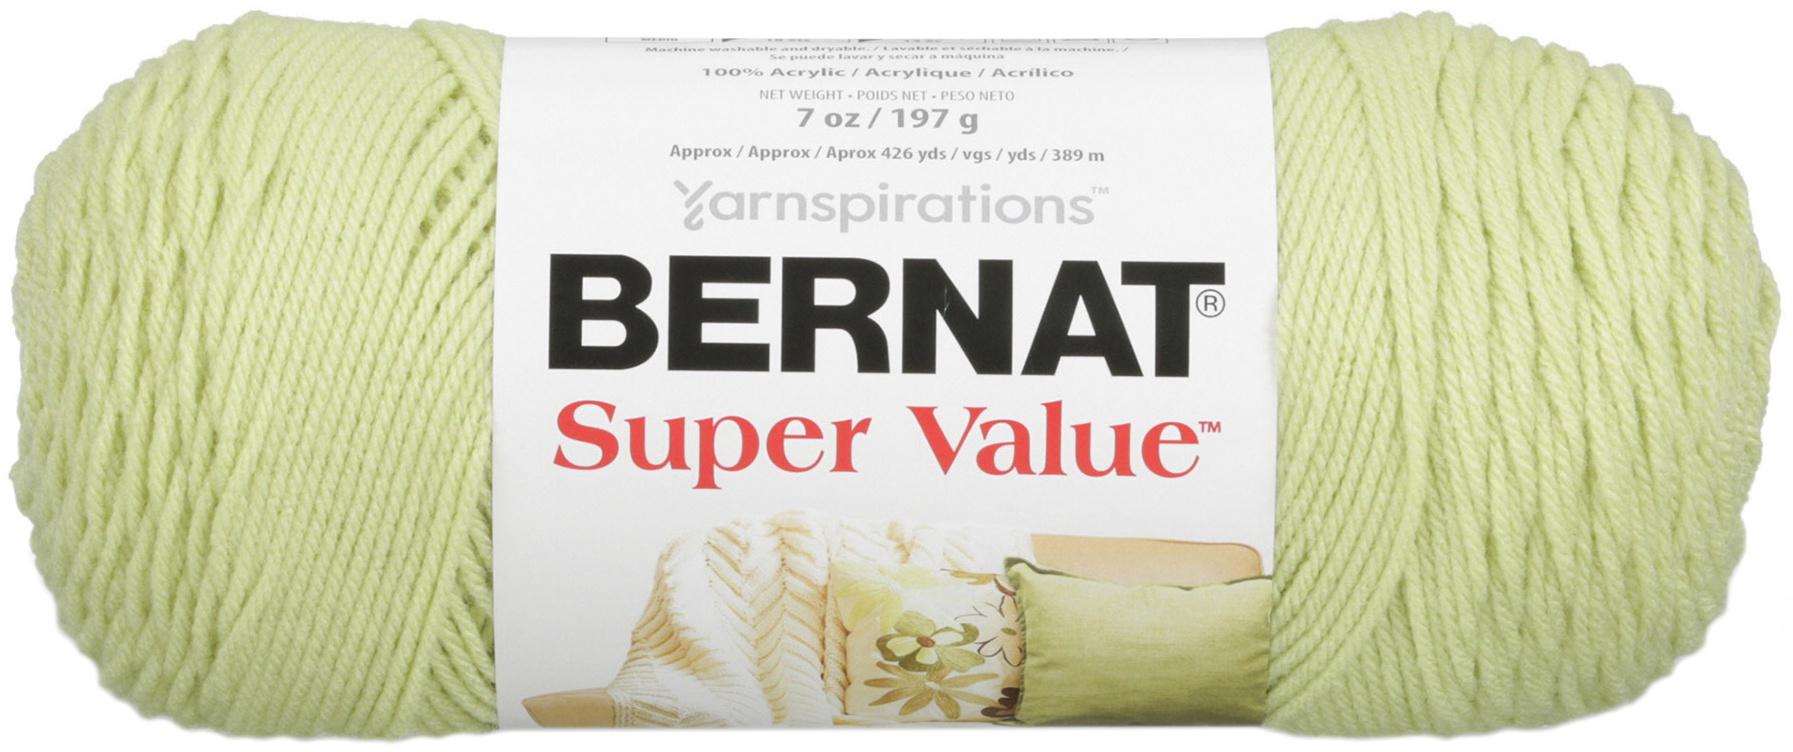 Bernat Super Value - Solids Yarn